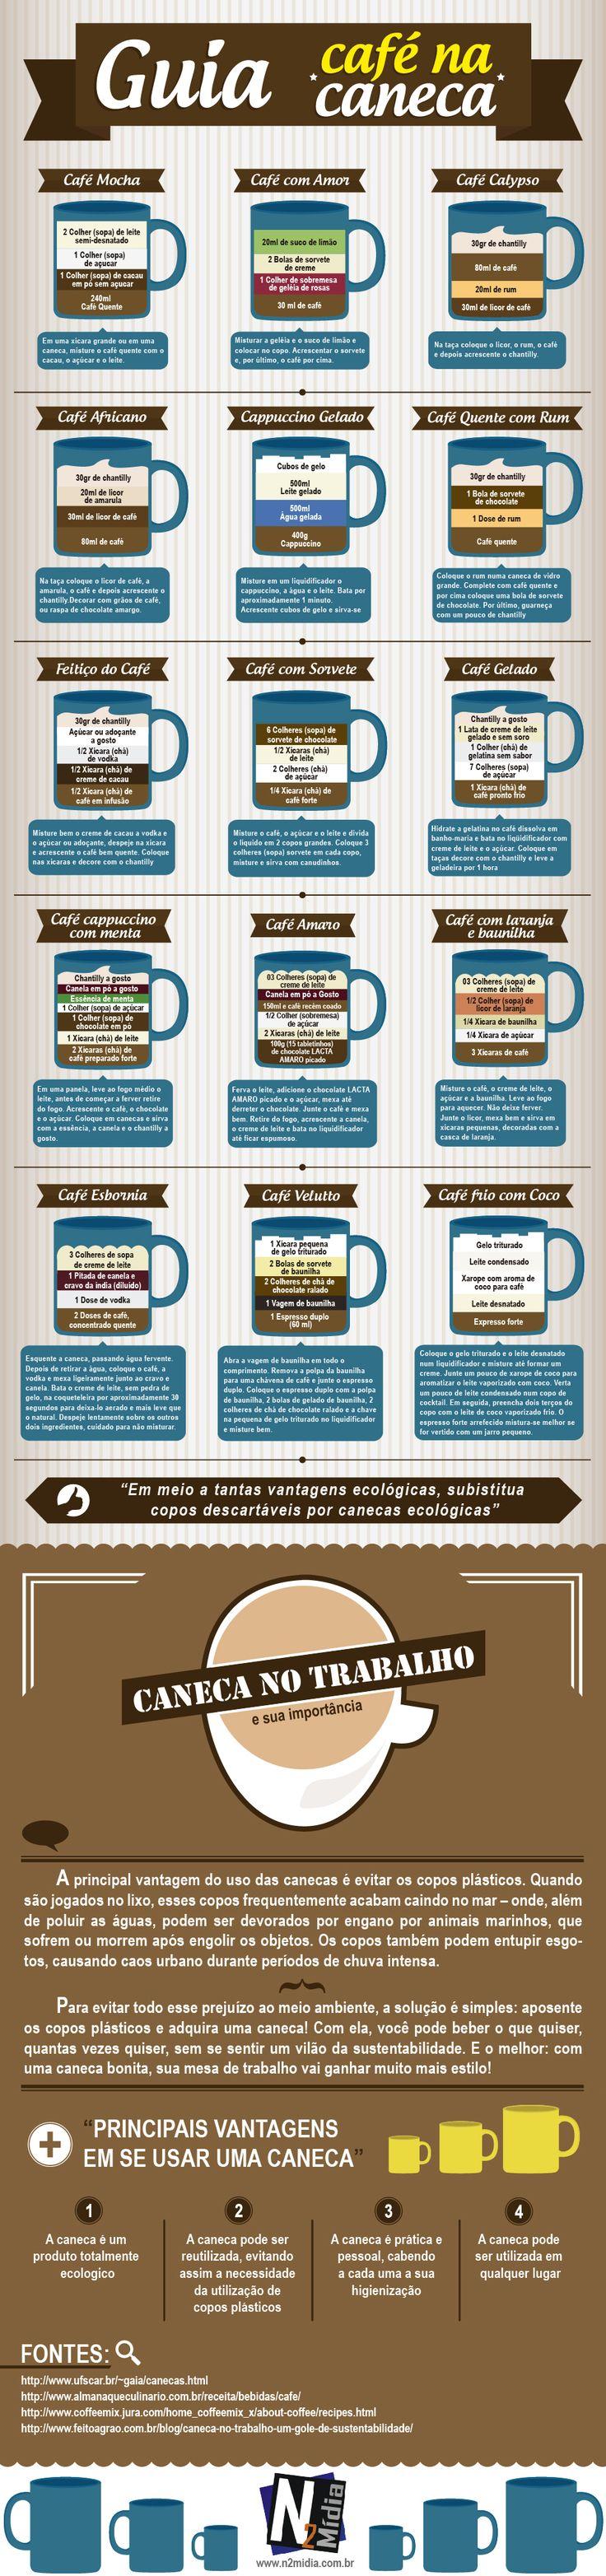 Confira nosso guia de modo de preparo de café feito em canecas, nesse infográfico voce aprende facilmente a preparar diversos tipos de cafés , tais